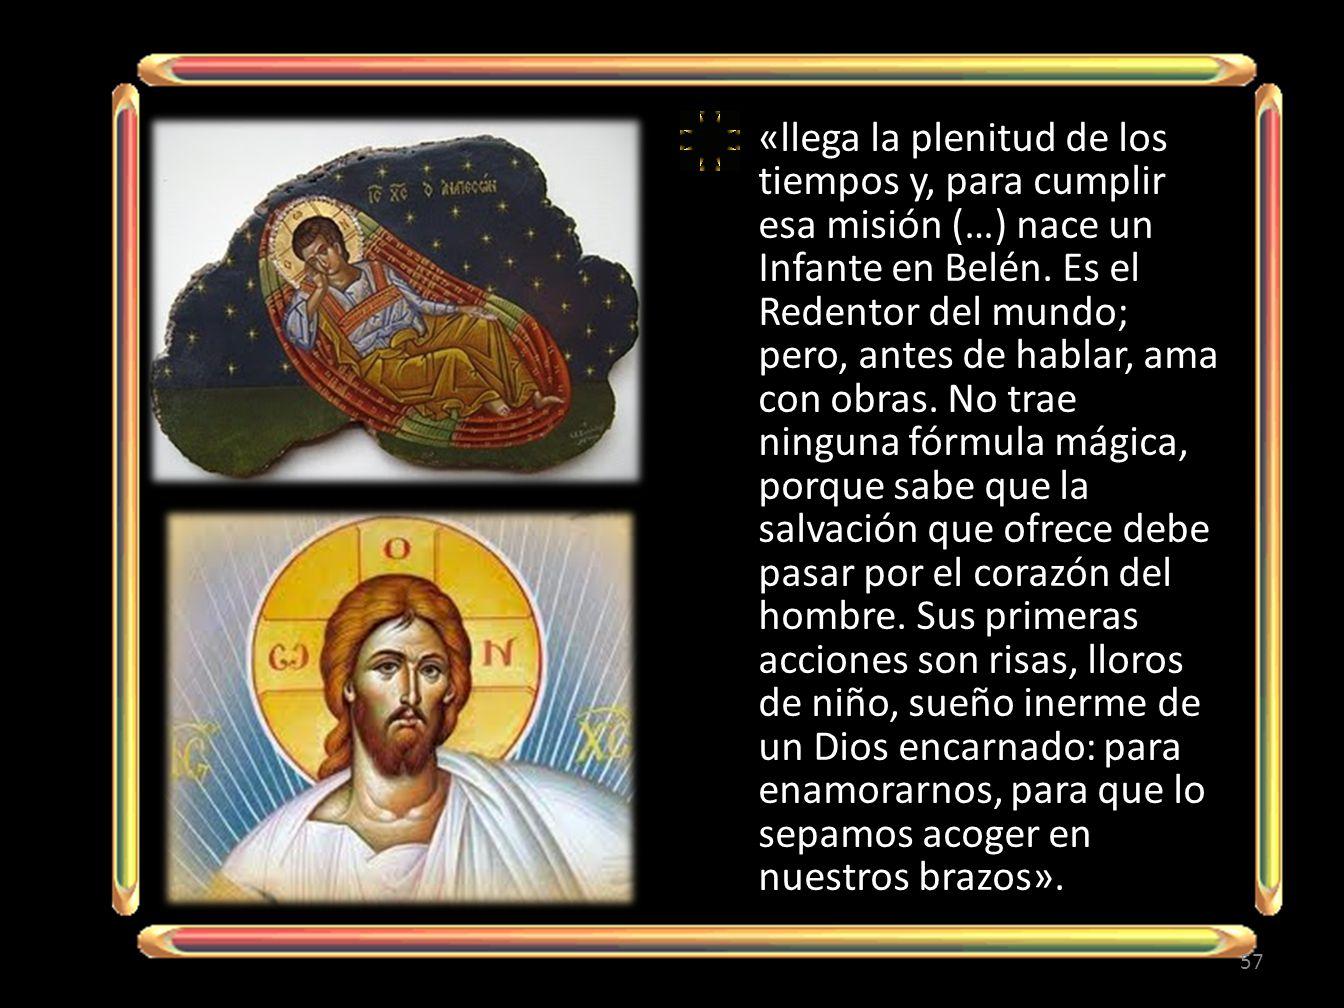 «llega la plenitud de los tiempos y, para cumplir esa misión (…) nace un Infante en Belén.